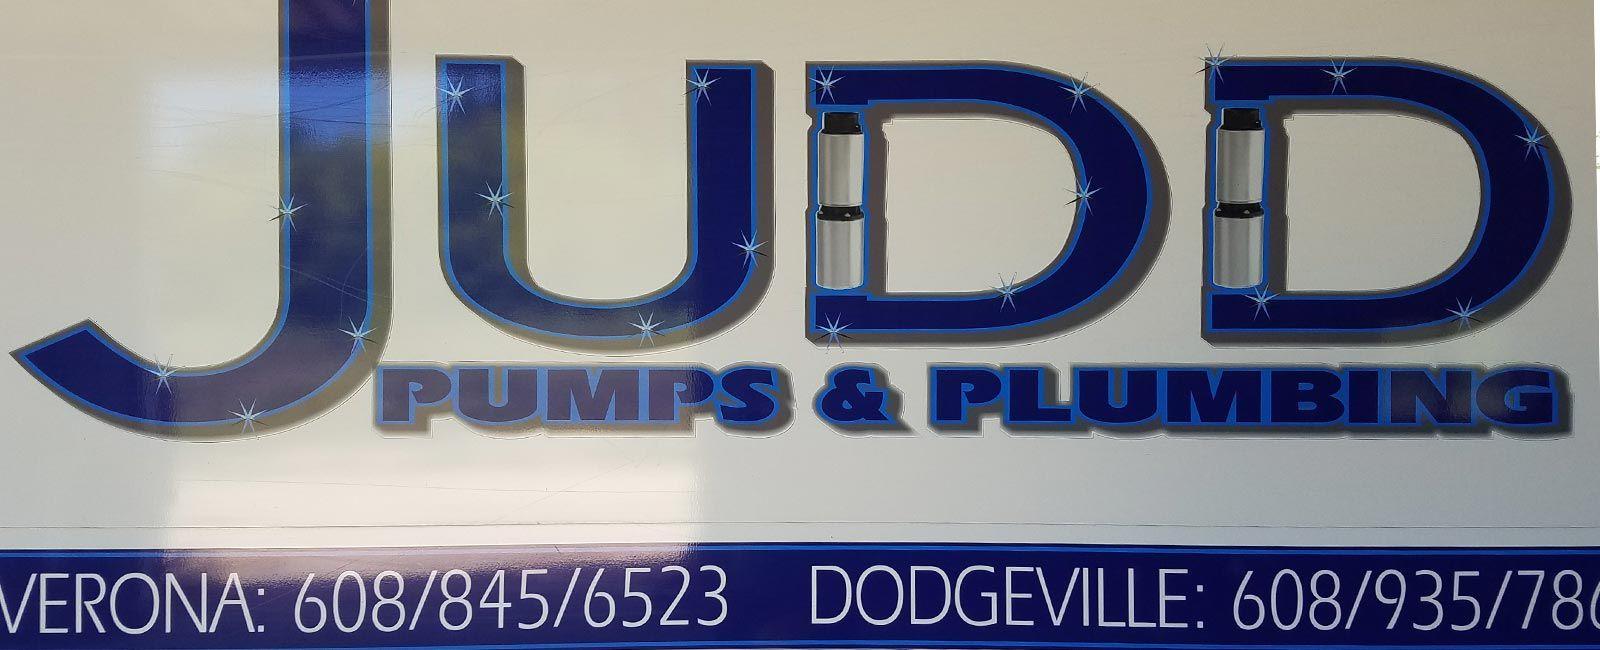 Verona Pressure Pumps Madison Plumbing Dodgeville Well Pumps